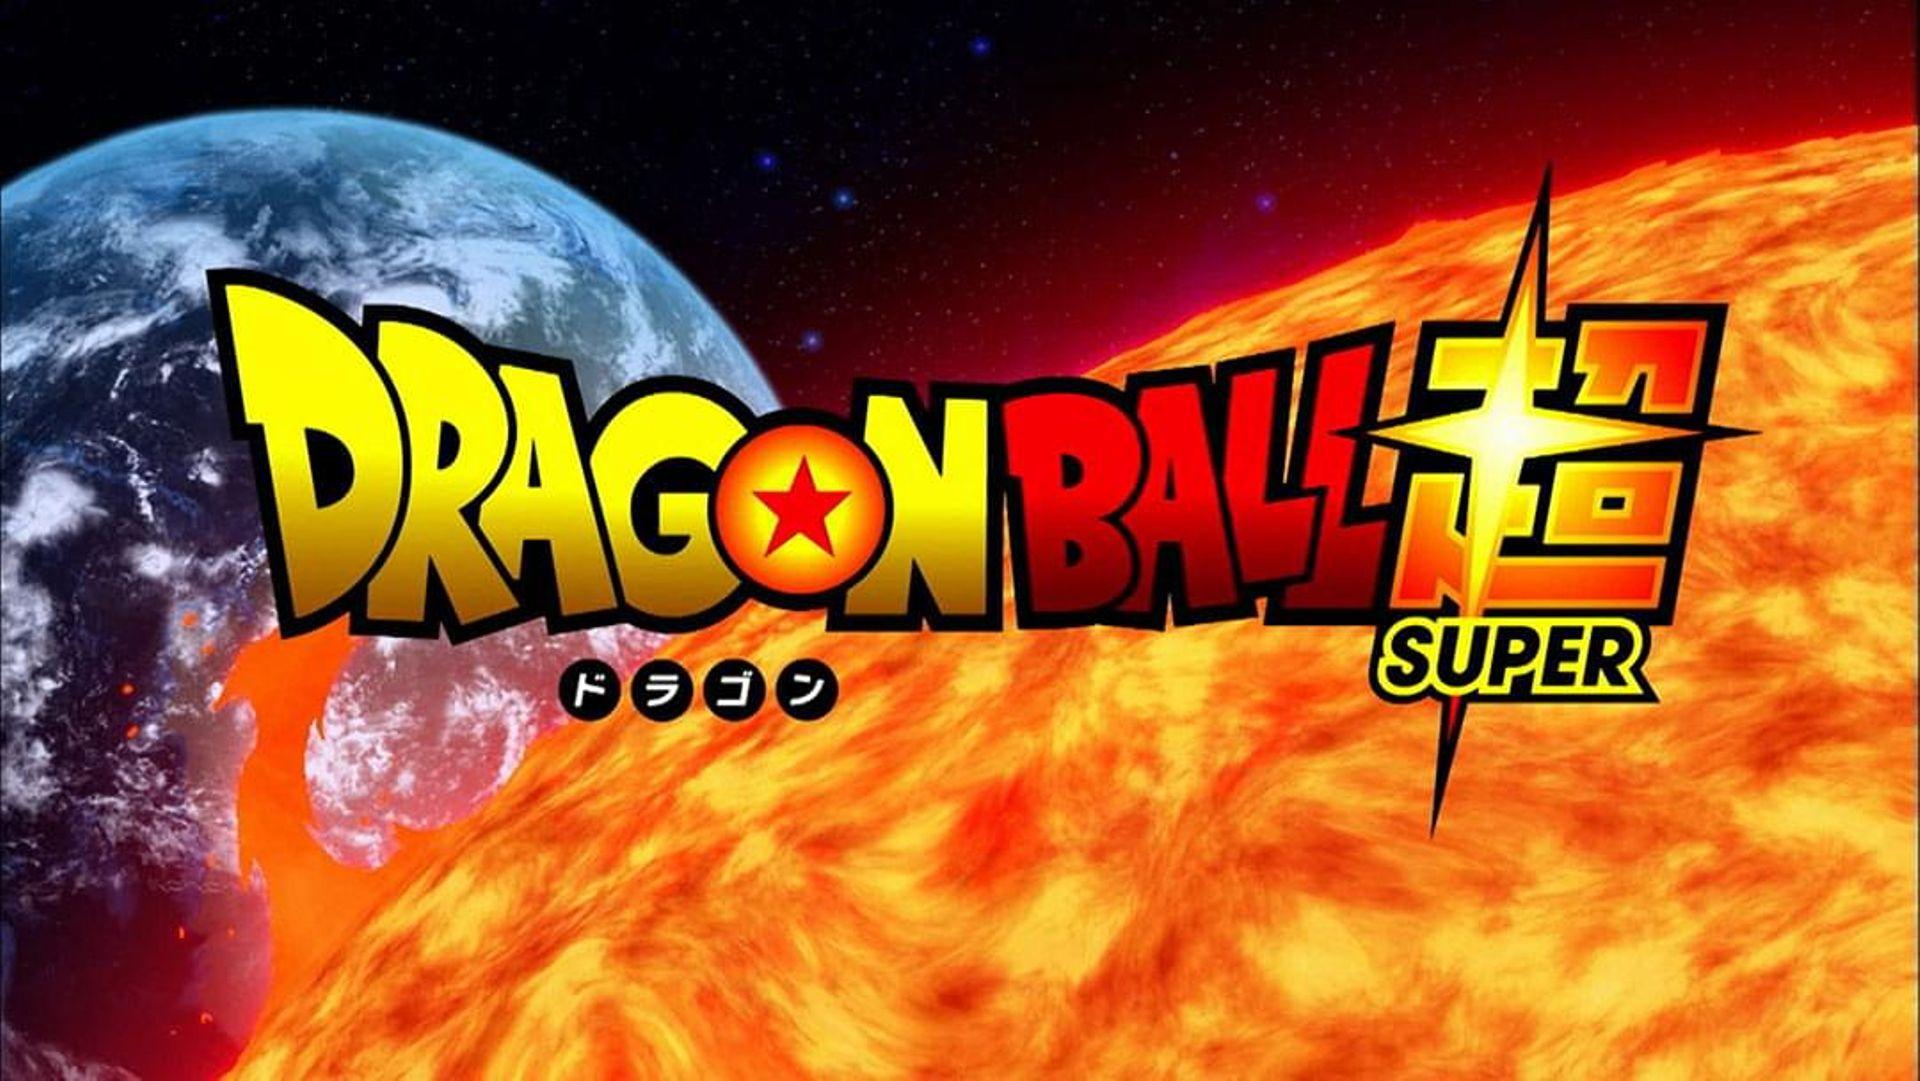 Dragon Ball Super - Let's Do It, Grand Zeno! The Universes